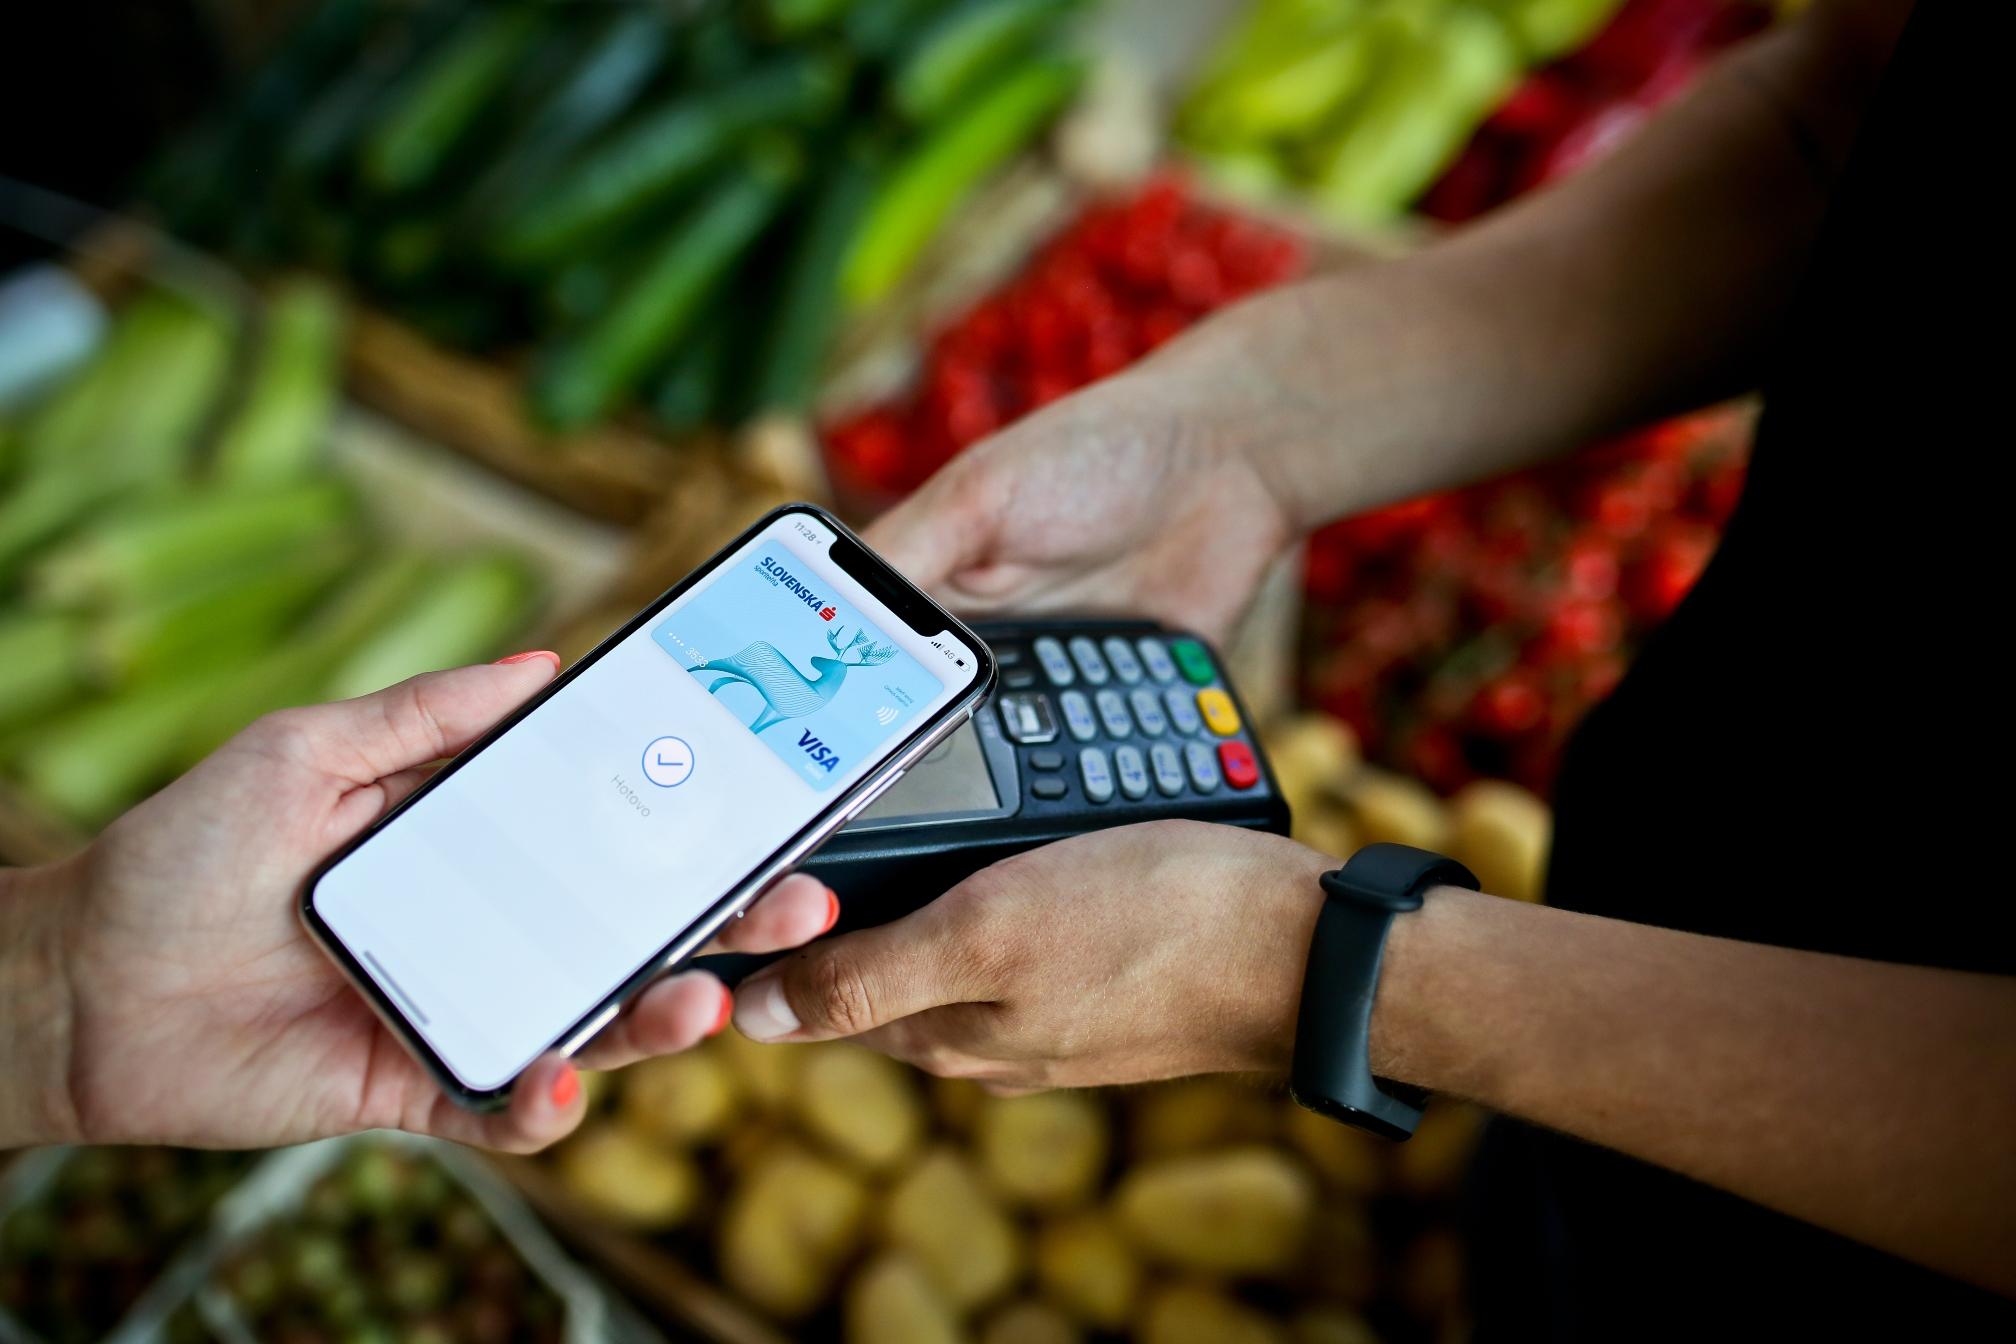 apple pay sk slsp - Apple Pay na Slovensku: podporované banky, platobné karty a ďalšie informácie